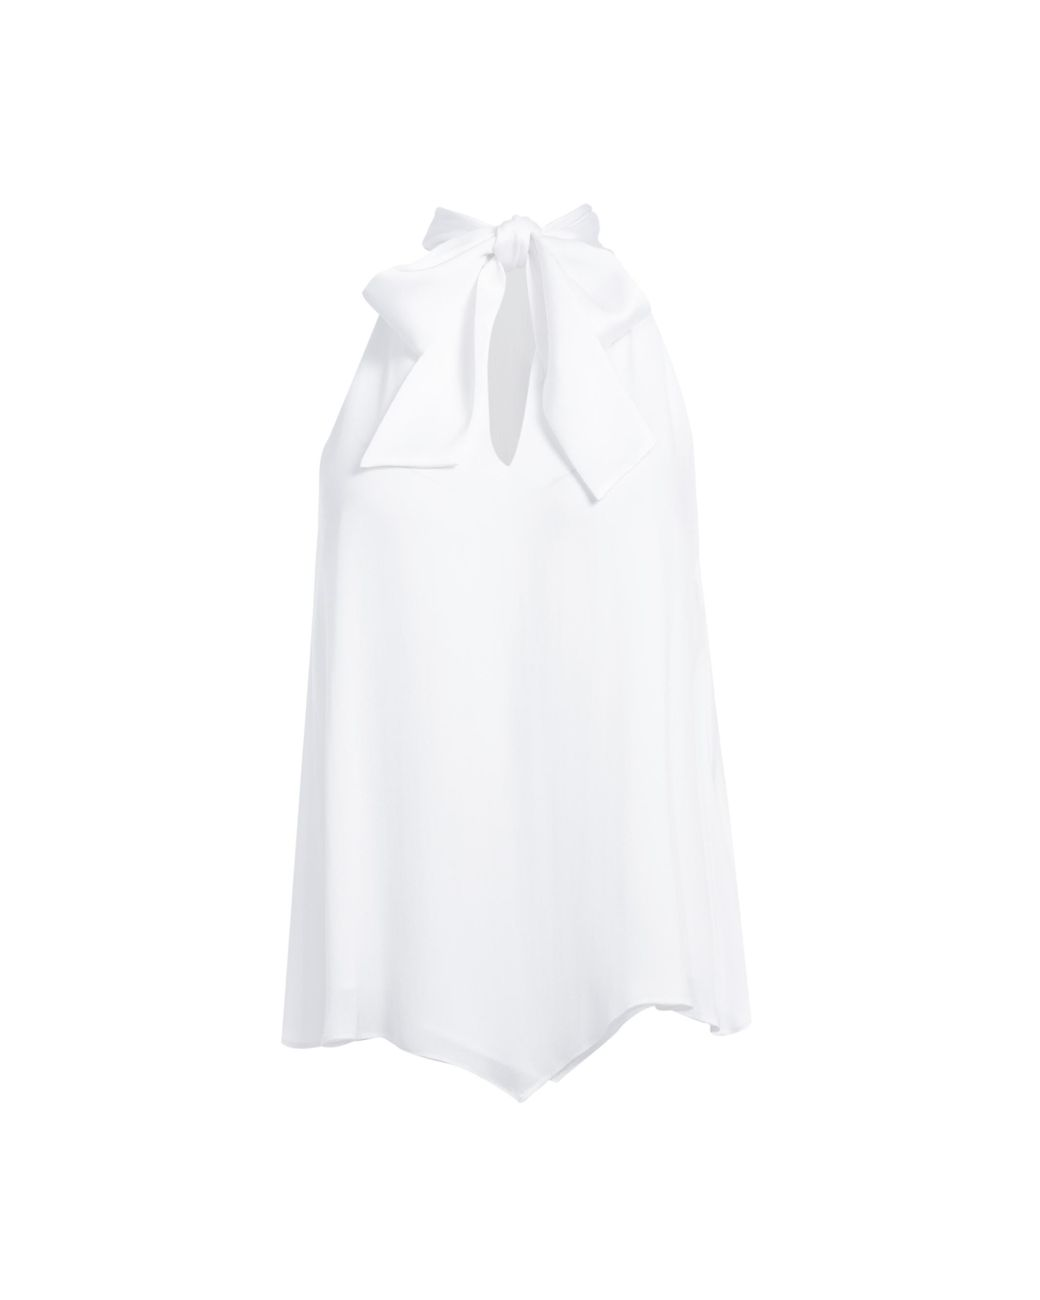 583f621cec8b6c Alice + Olivia Lura Tie Neck Drape Top in White - Lyst